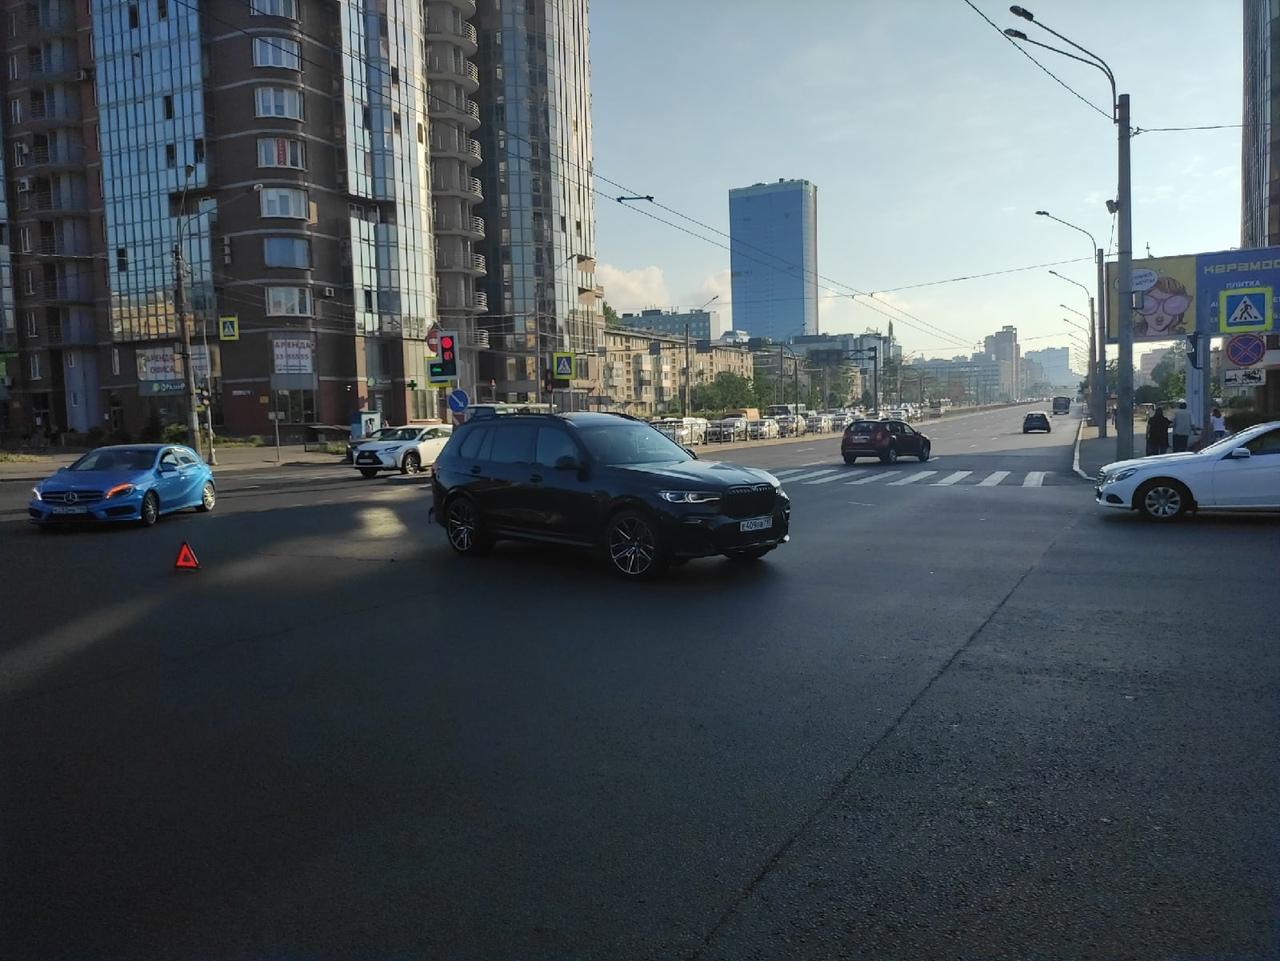 БМВ и Мерс каршеринга столкнулись на перекрестке Ленинского проспекта и Варшавской улицы. Троллейбу...